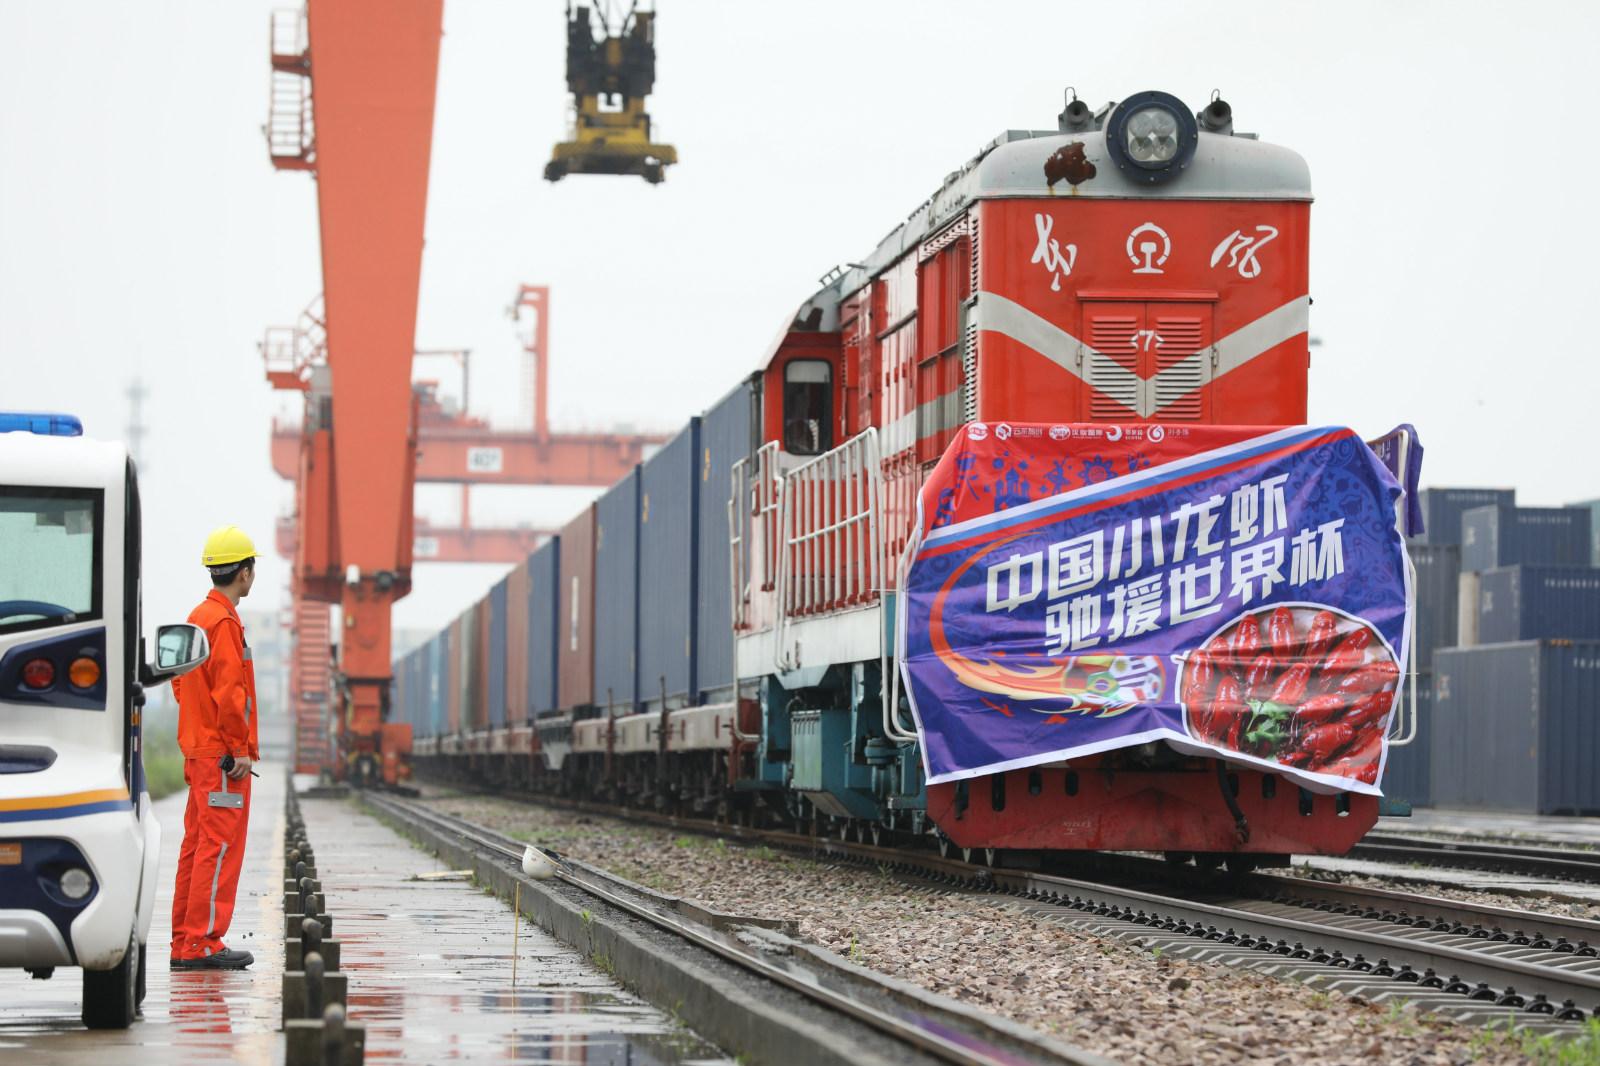 5月31日,武汉,装载10万只小龙虾的汉欧铁路列车出发,大约17天后抵达莫斯科。_meitu_6